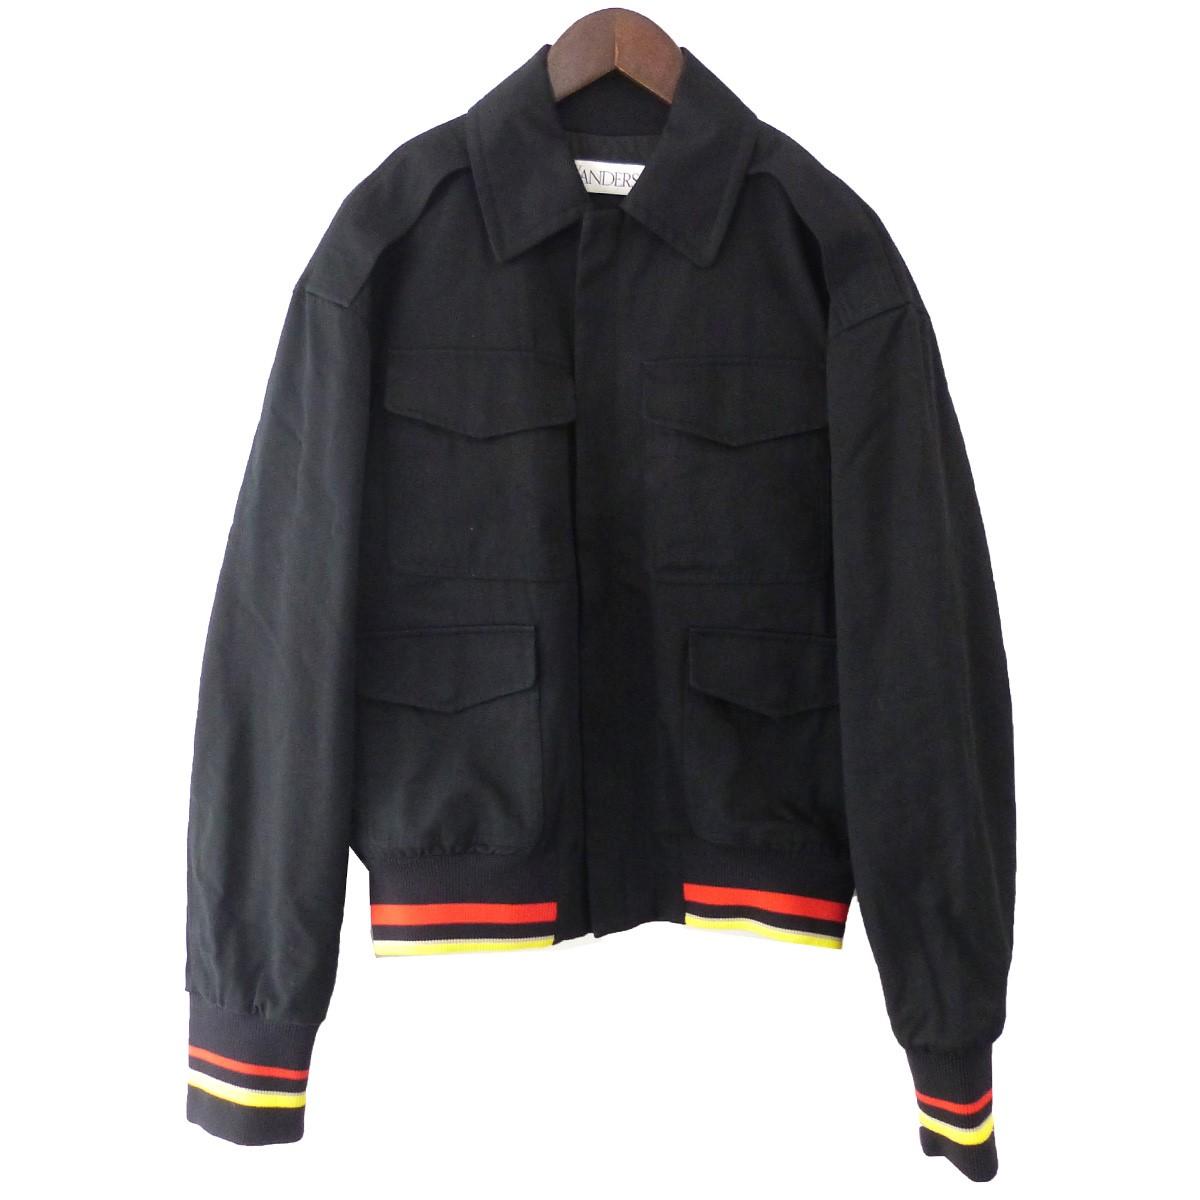 【中古】J.W.Anderson 「MULTI POCKET JACKET」マルチポケットジャケット ブラック サイズ:46 【020420】(ジョナサンウィリアムアンダーソン)